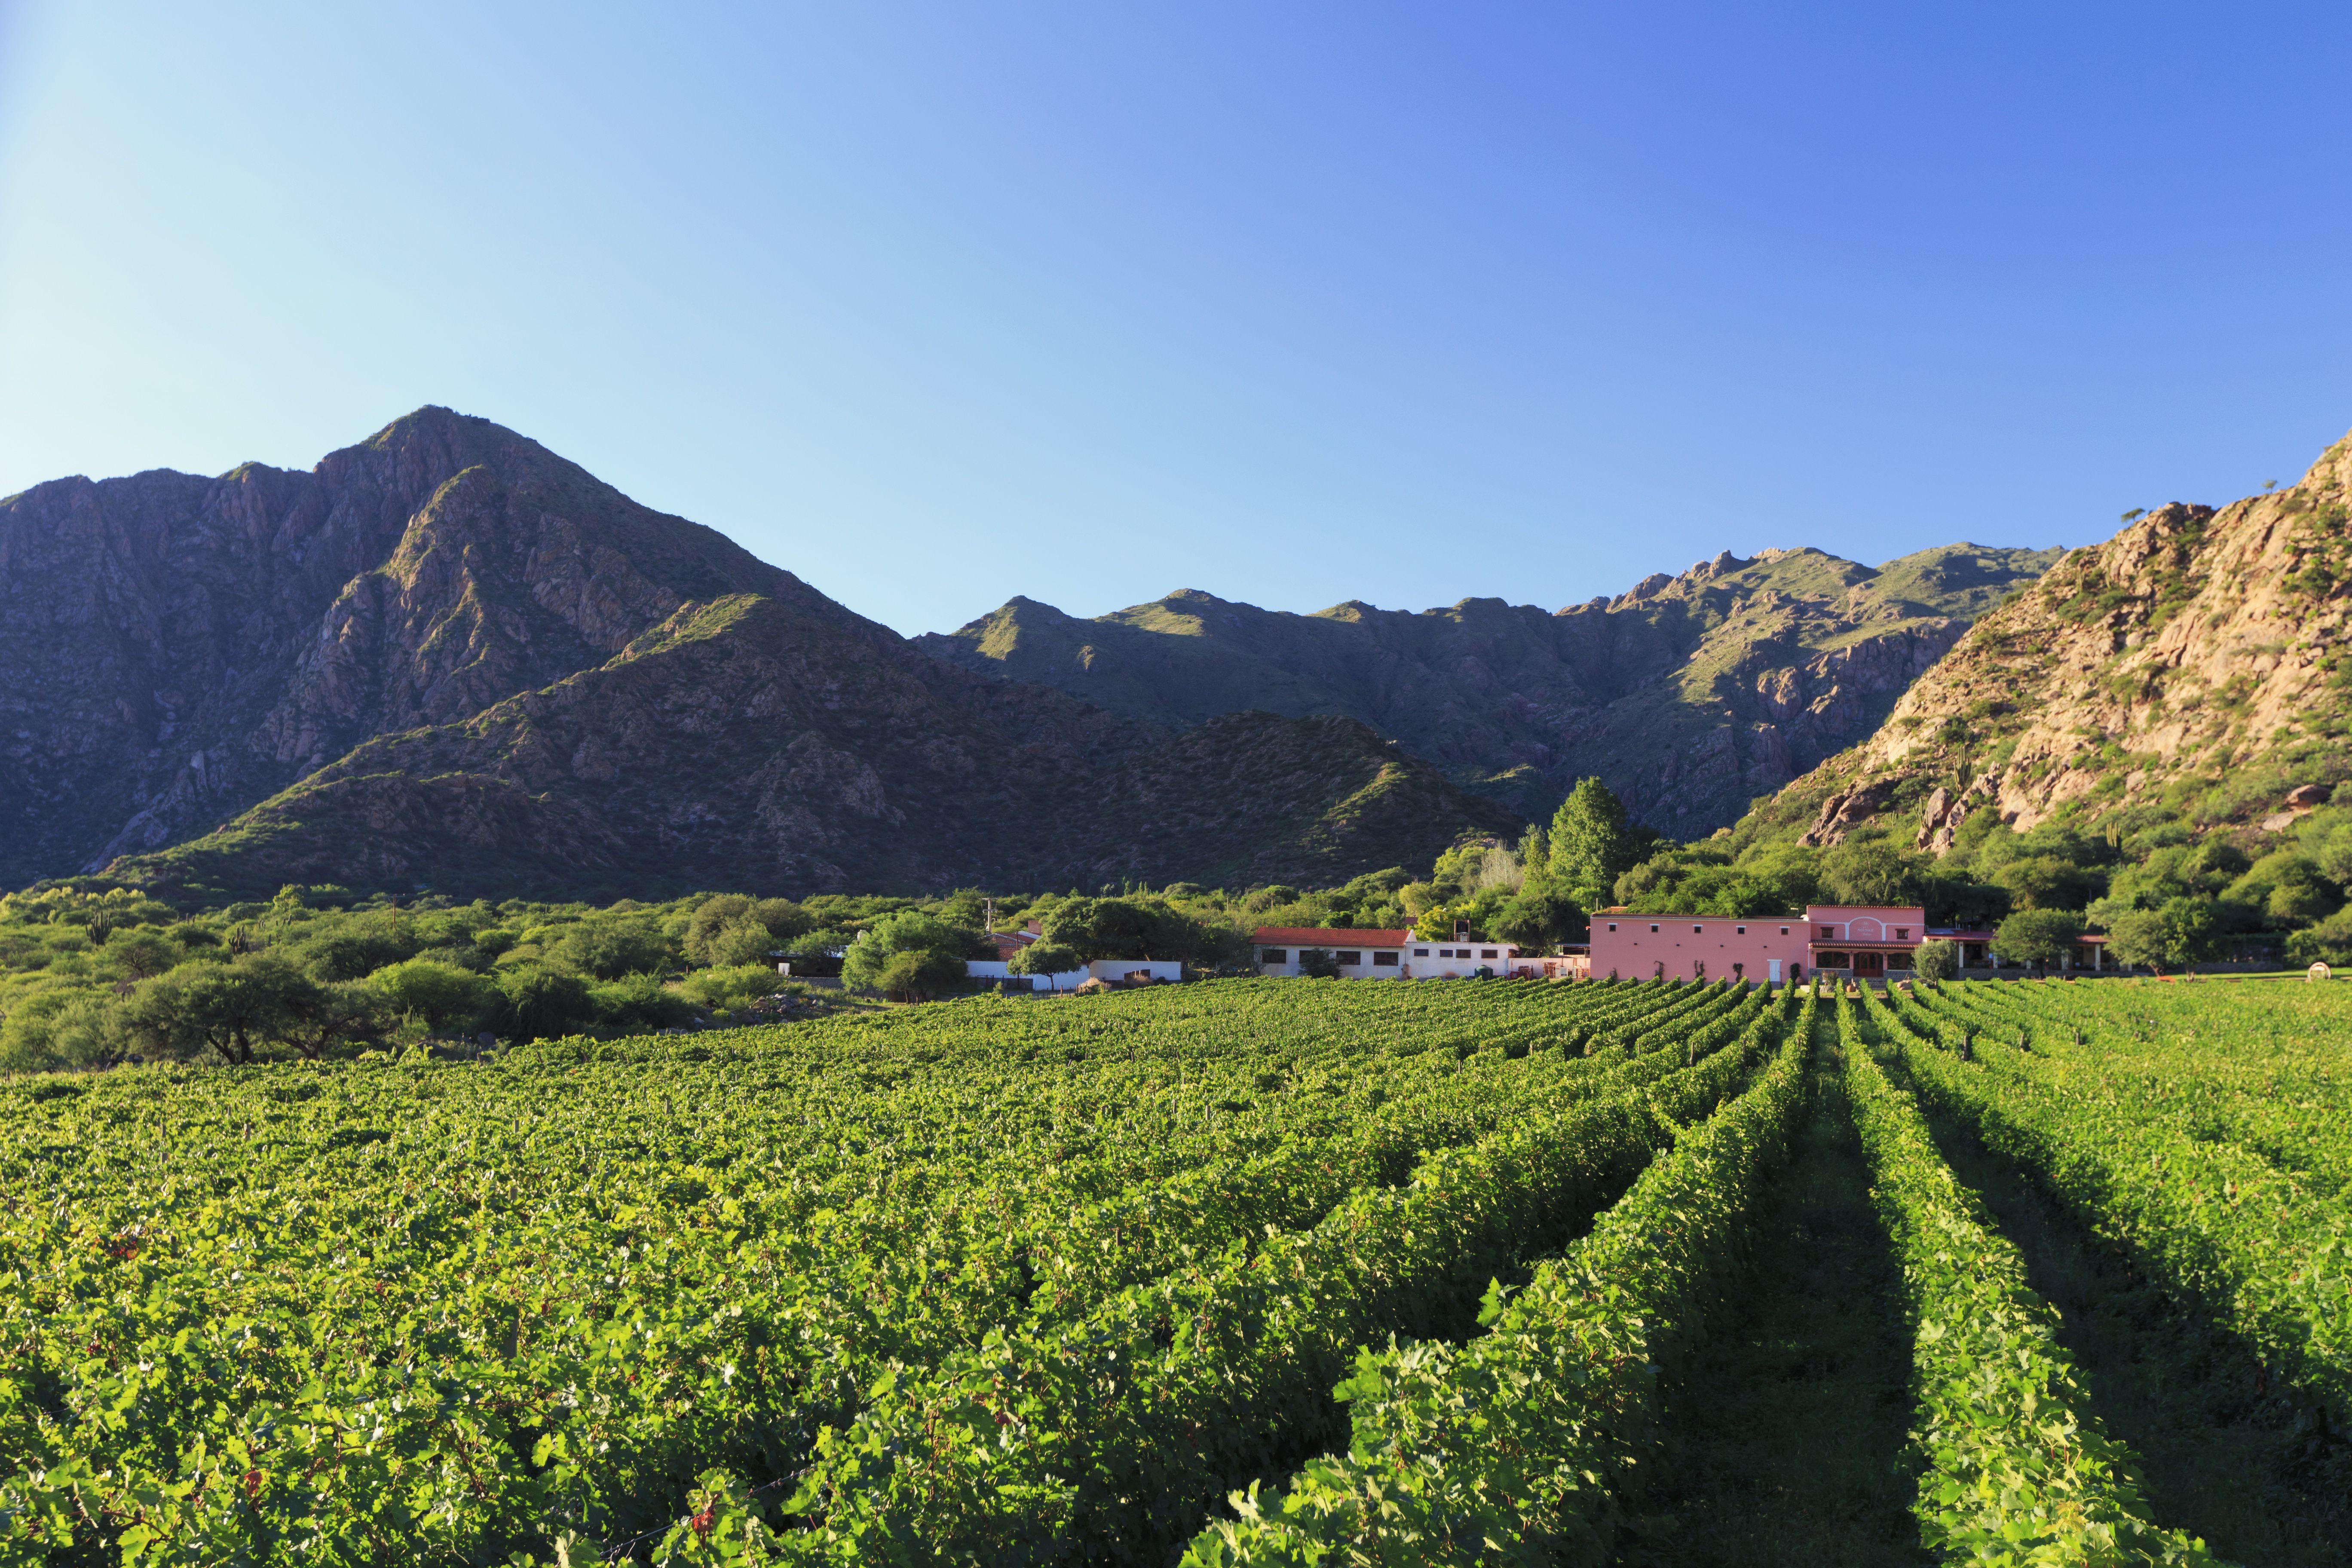 Bodegas de uva Argentina, Salta, Torrontes